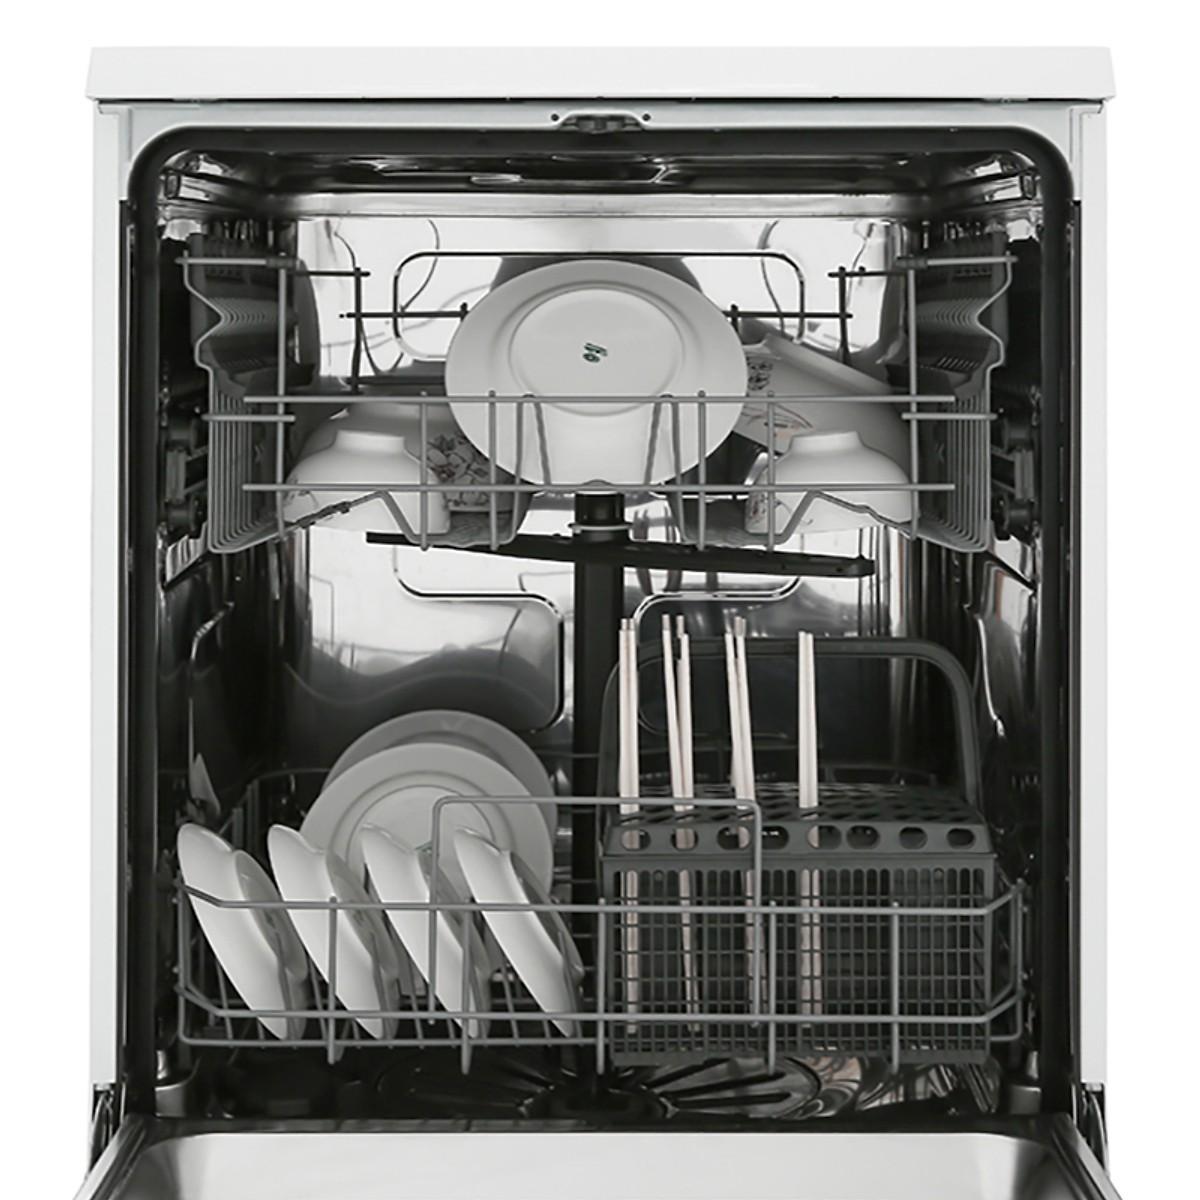 Máy Rửa Chén Electrolux ESF5206LOW - Hàng Chính Hãng + Tặng Bình Đun Siêu Tốc